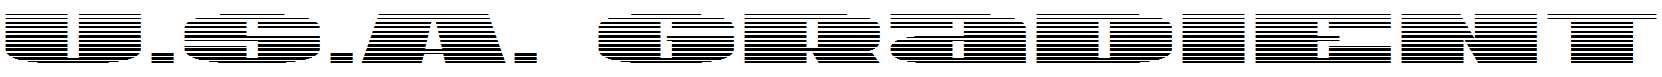 U.S.A.Gradient-copy-3-